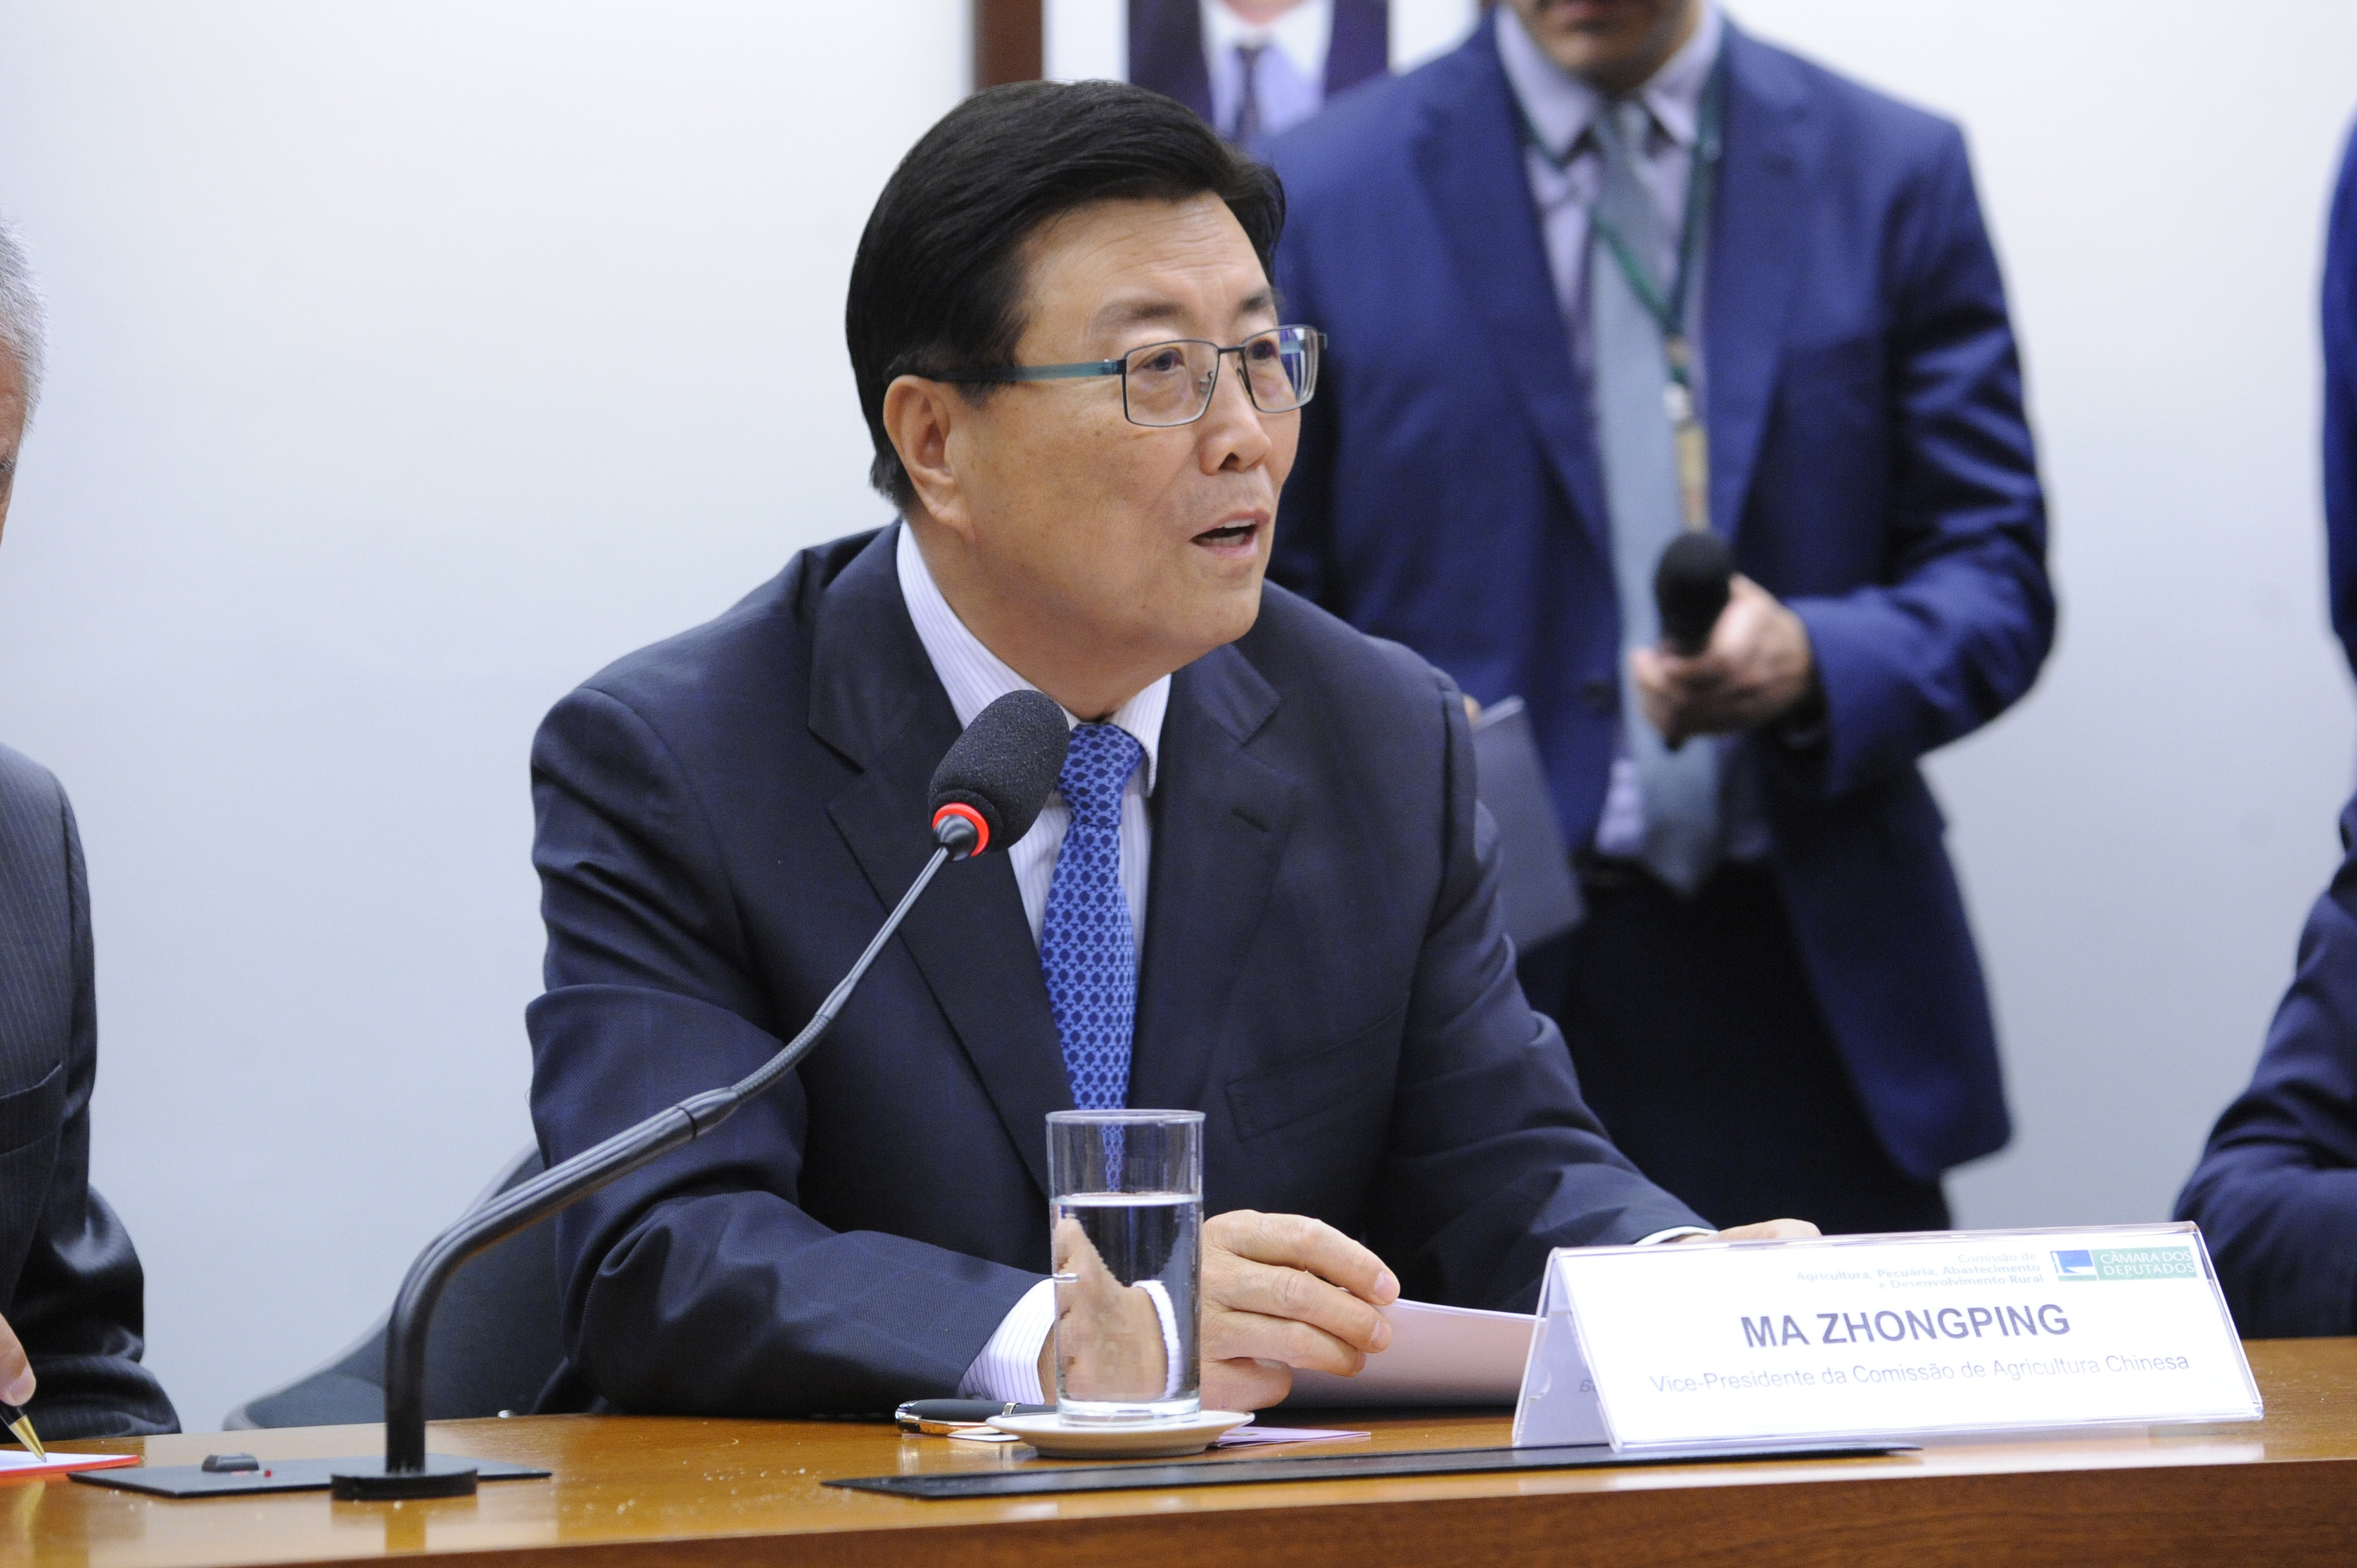 Visita Oficial da Delegação do Parlamento Chinês à Comissão de Agricultura. Vice-Presidente da Comissão de Agricultura Chinesa, Ma Zhongping